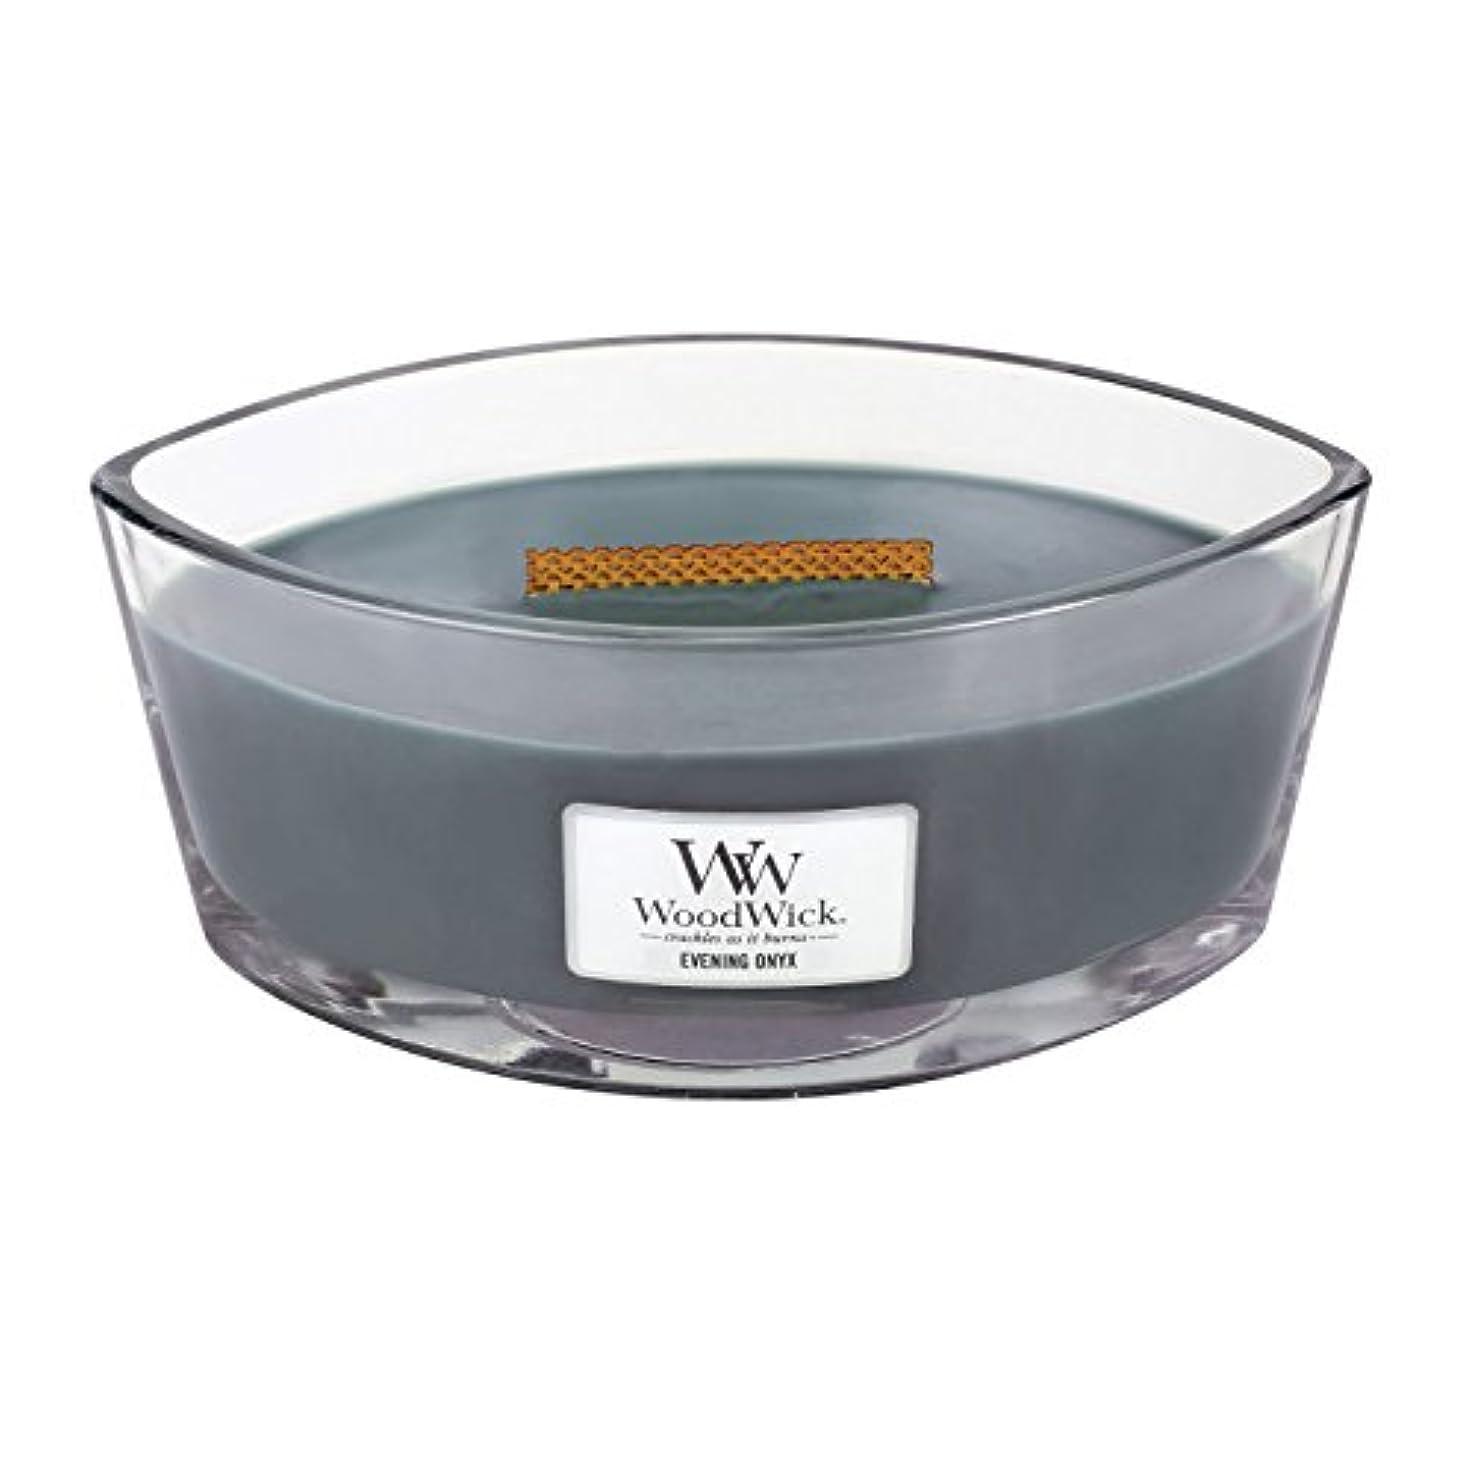 境界放棄する晩ごはんWoodWick EVENING ONYX, Highly Scented Candle, Ellipse Glass Jar with Original HearthWick Flame, Large 18cm, 470ml